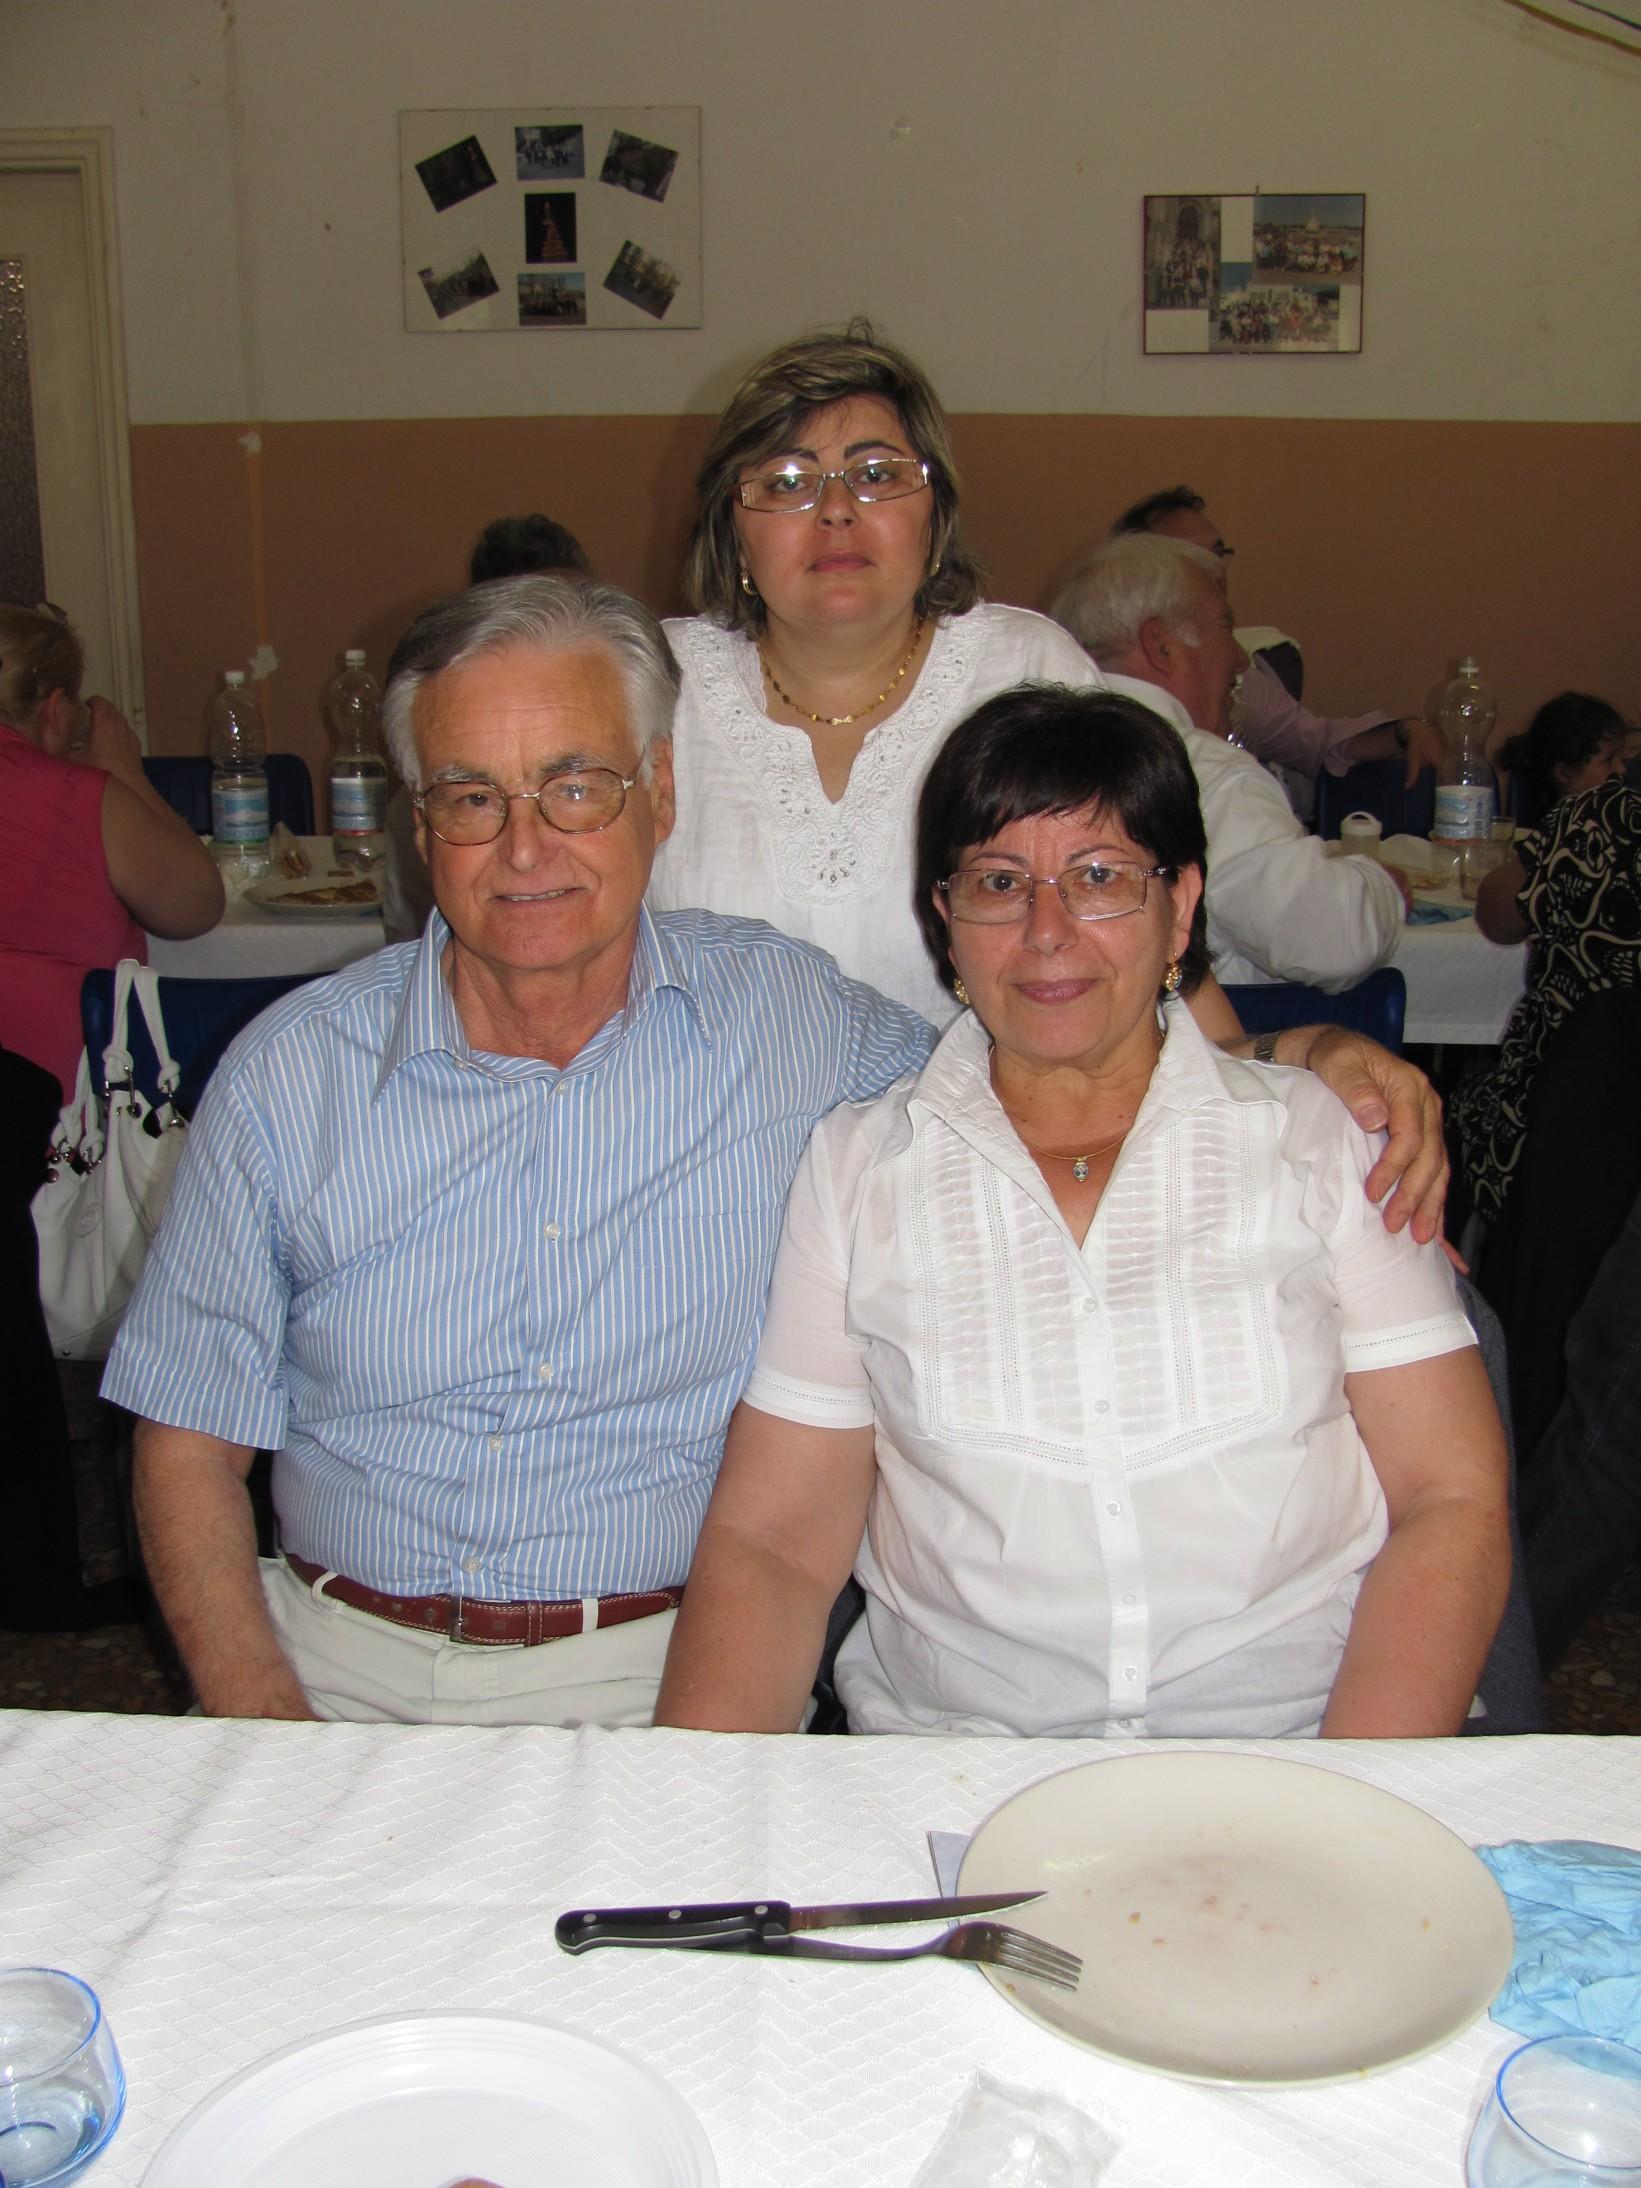 anniversari_matrimonio-2011-06-05-14-06-53